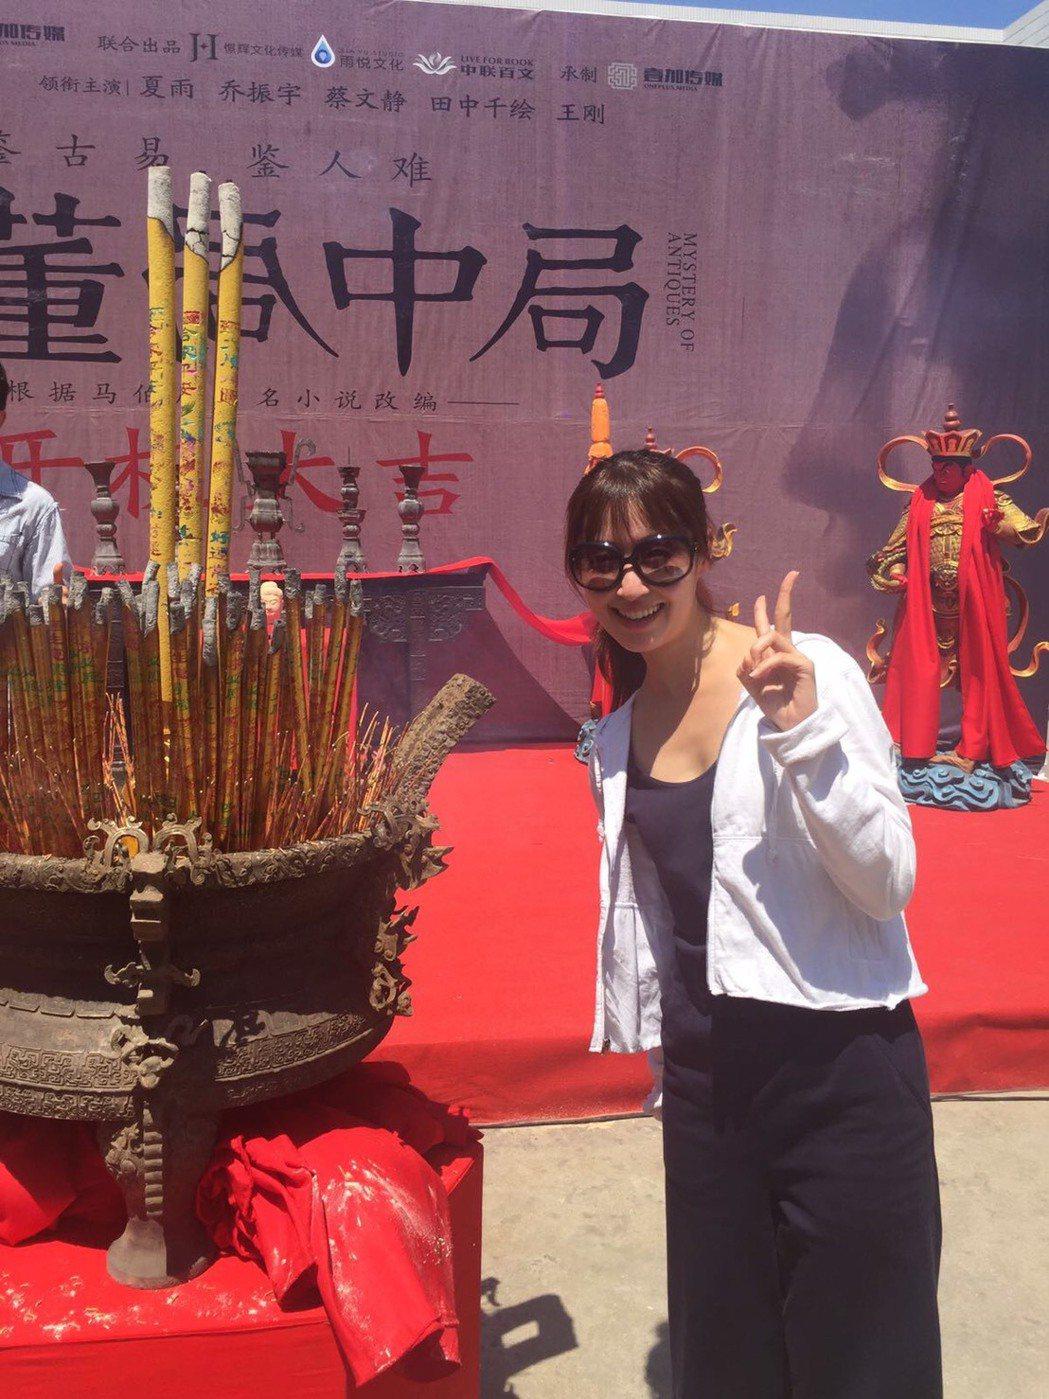 田中千繪出席新戲「古董局中局」開鏡,頂40 度高溫險曬傷。圖/雅慕斯娛樂提供